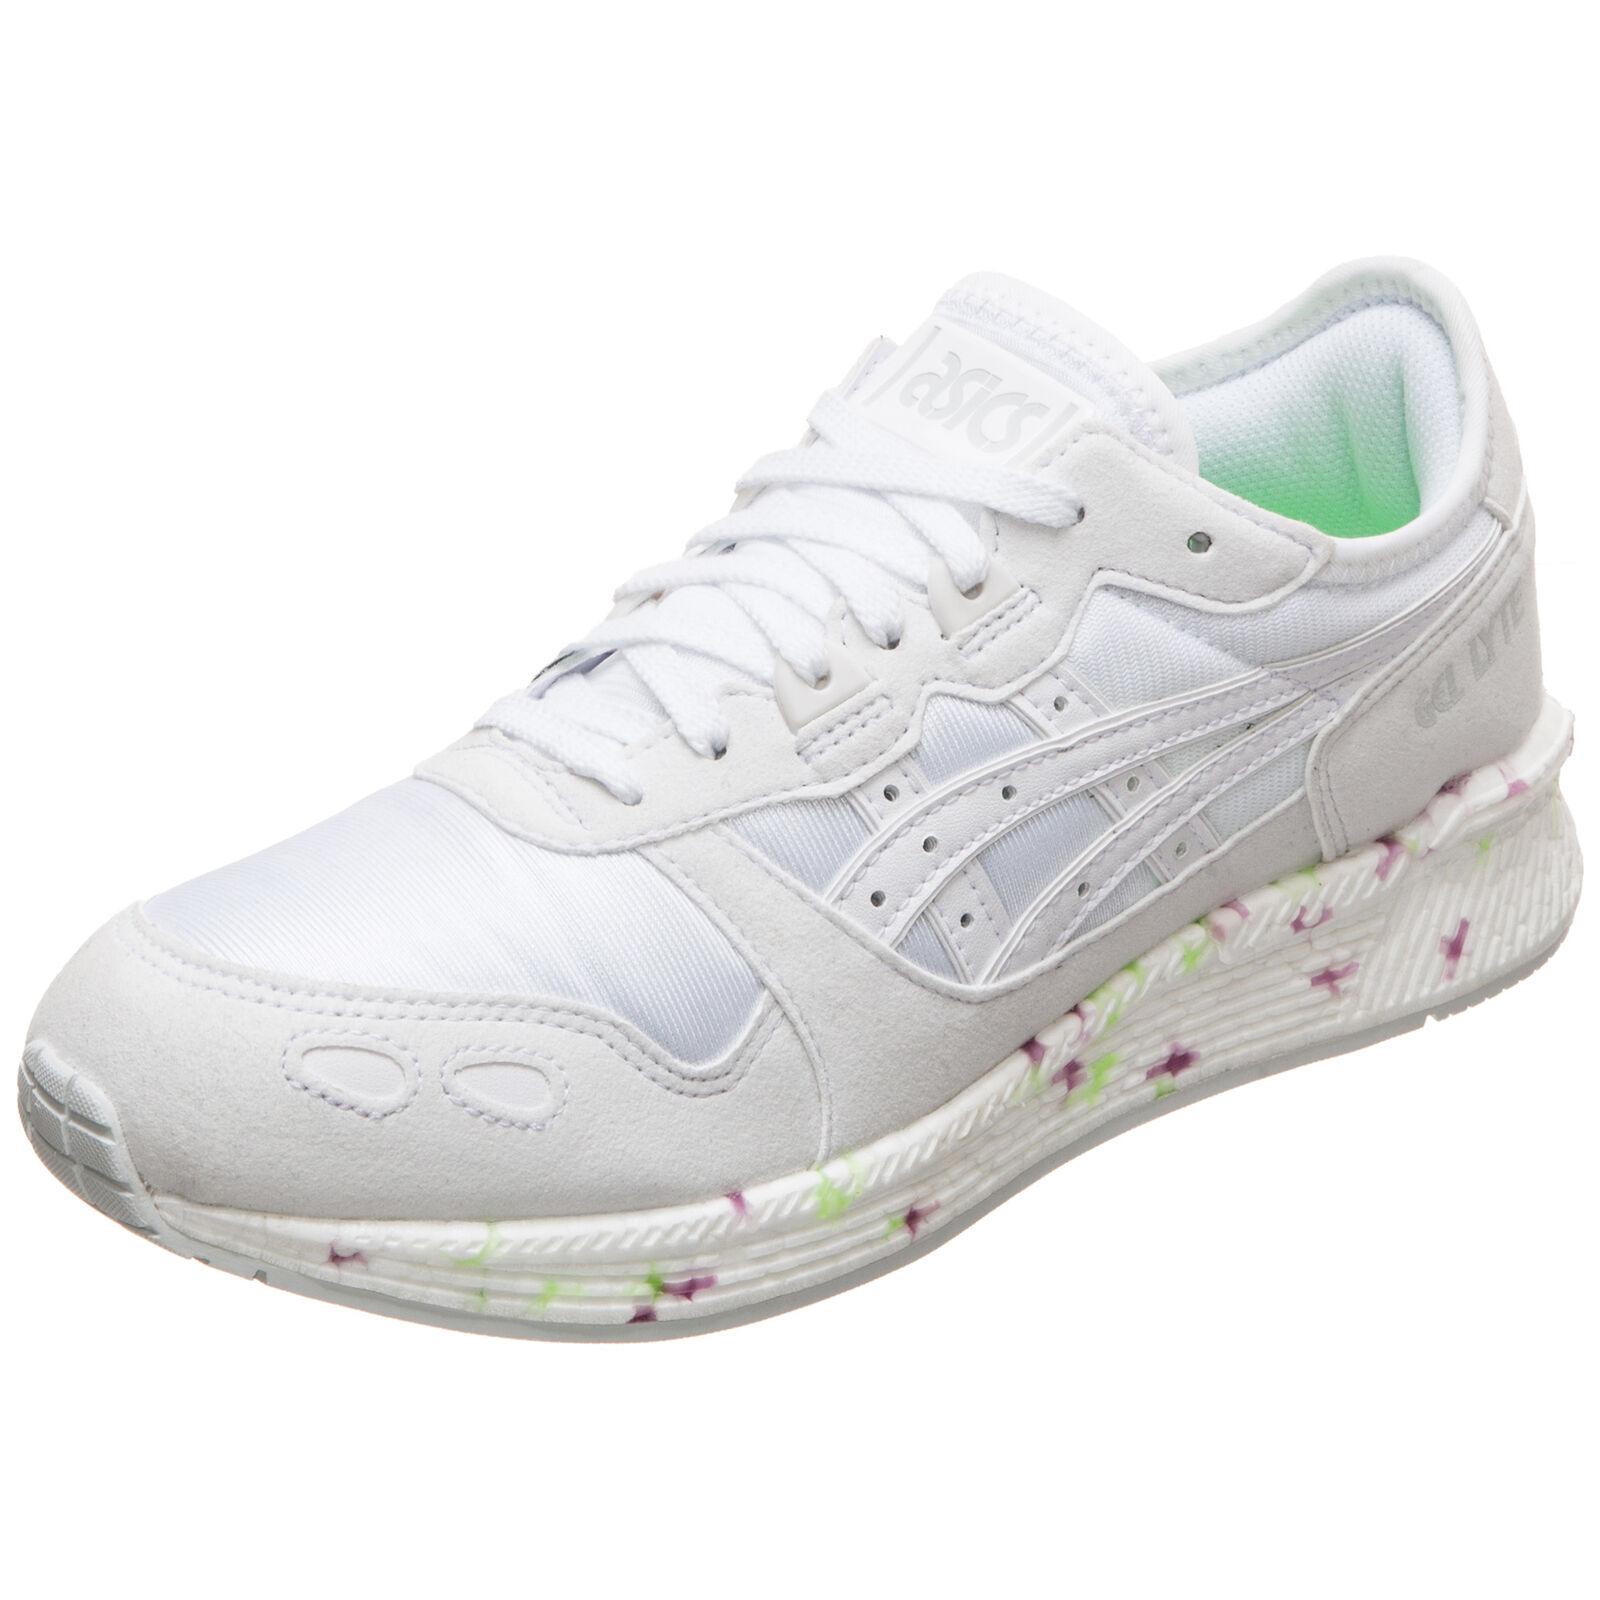 ASICS Hyper Gel-Lyte Turnschuhe Weiß NEU Schuhe Turnschuhe